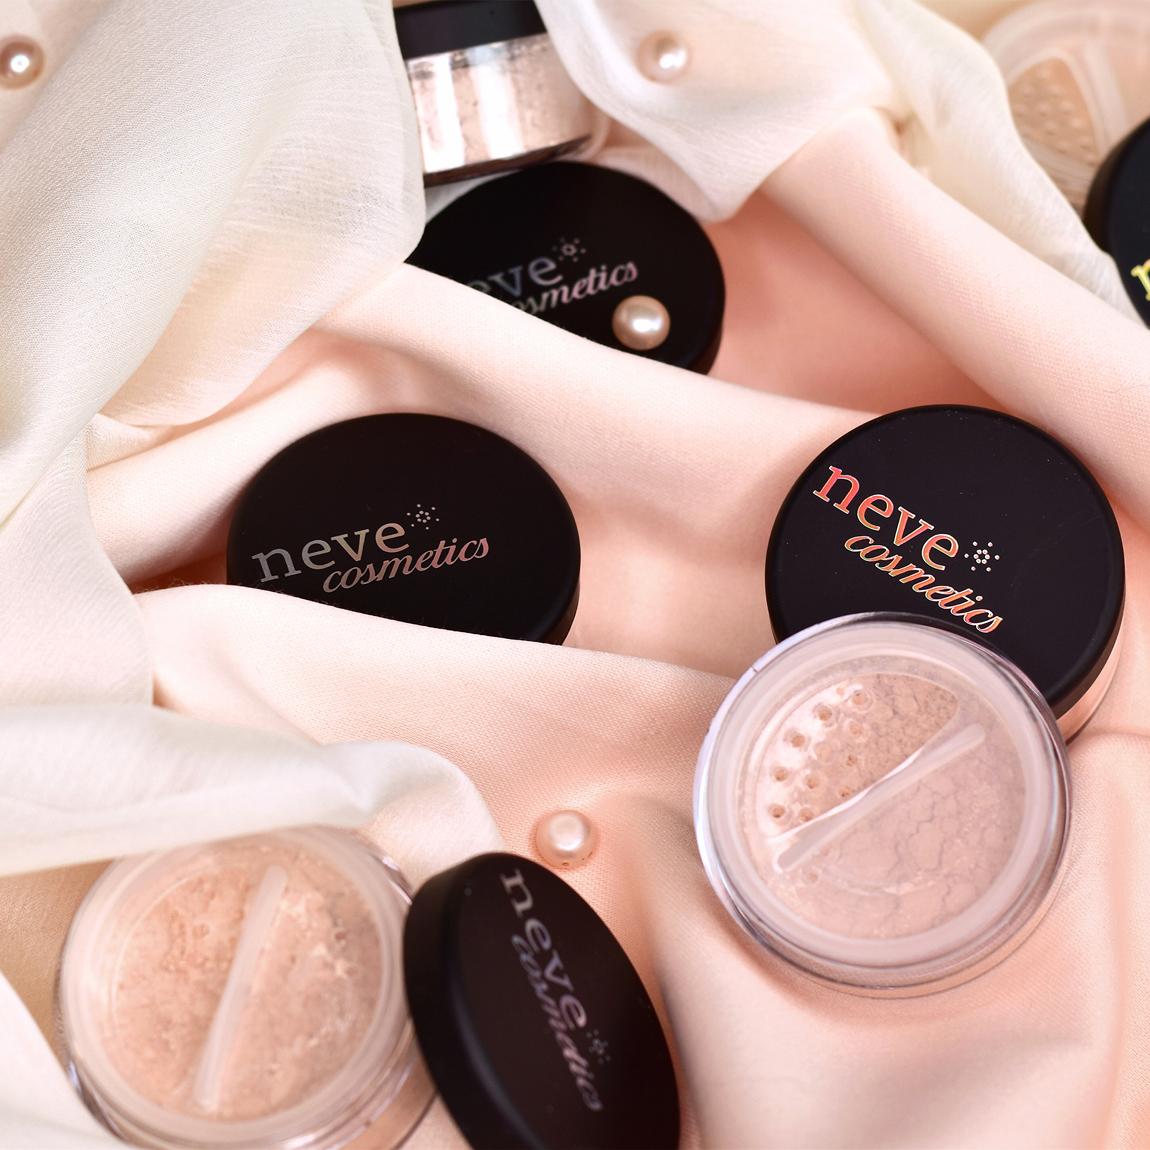 Fondotinta High Coverage minerale in polvere libera:scegli la tua tonalità